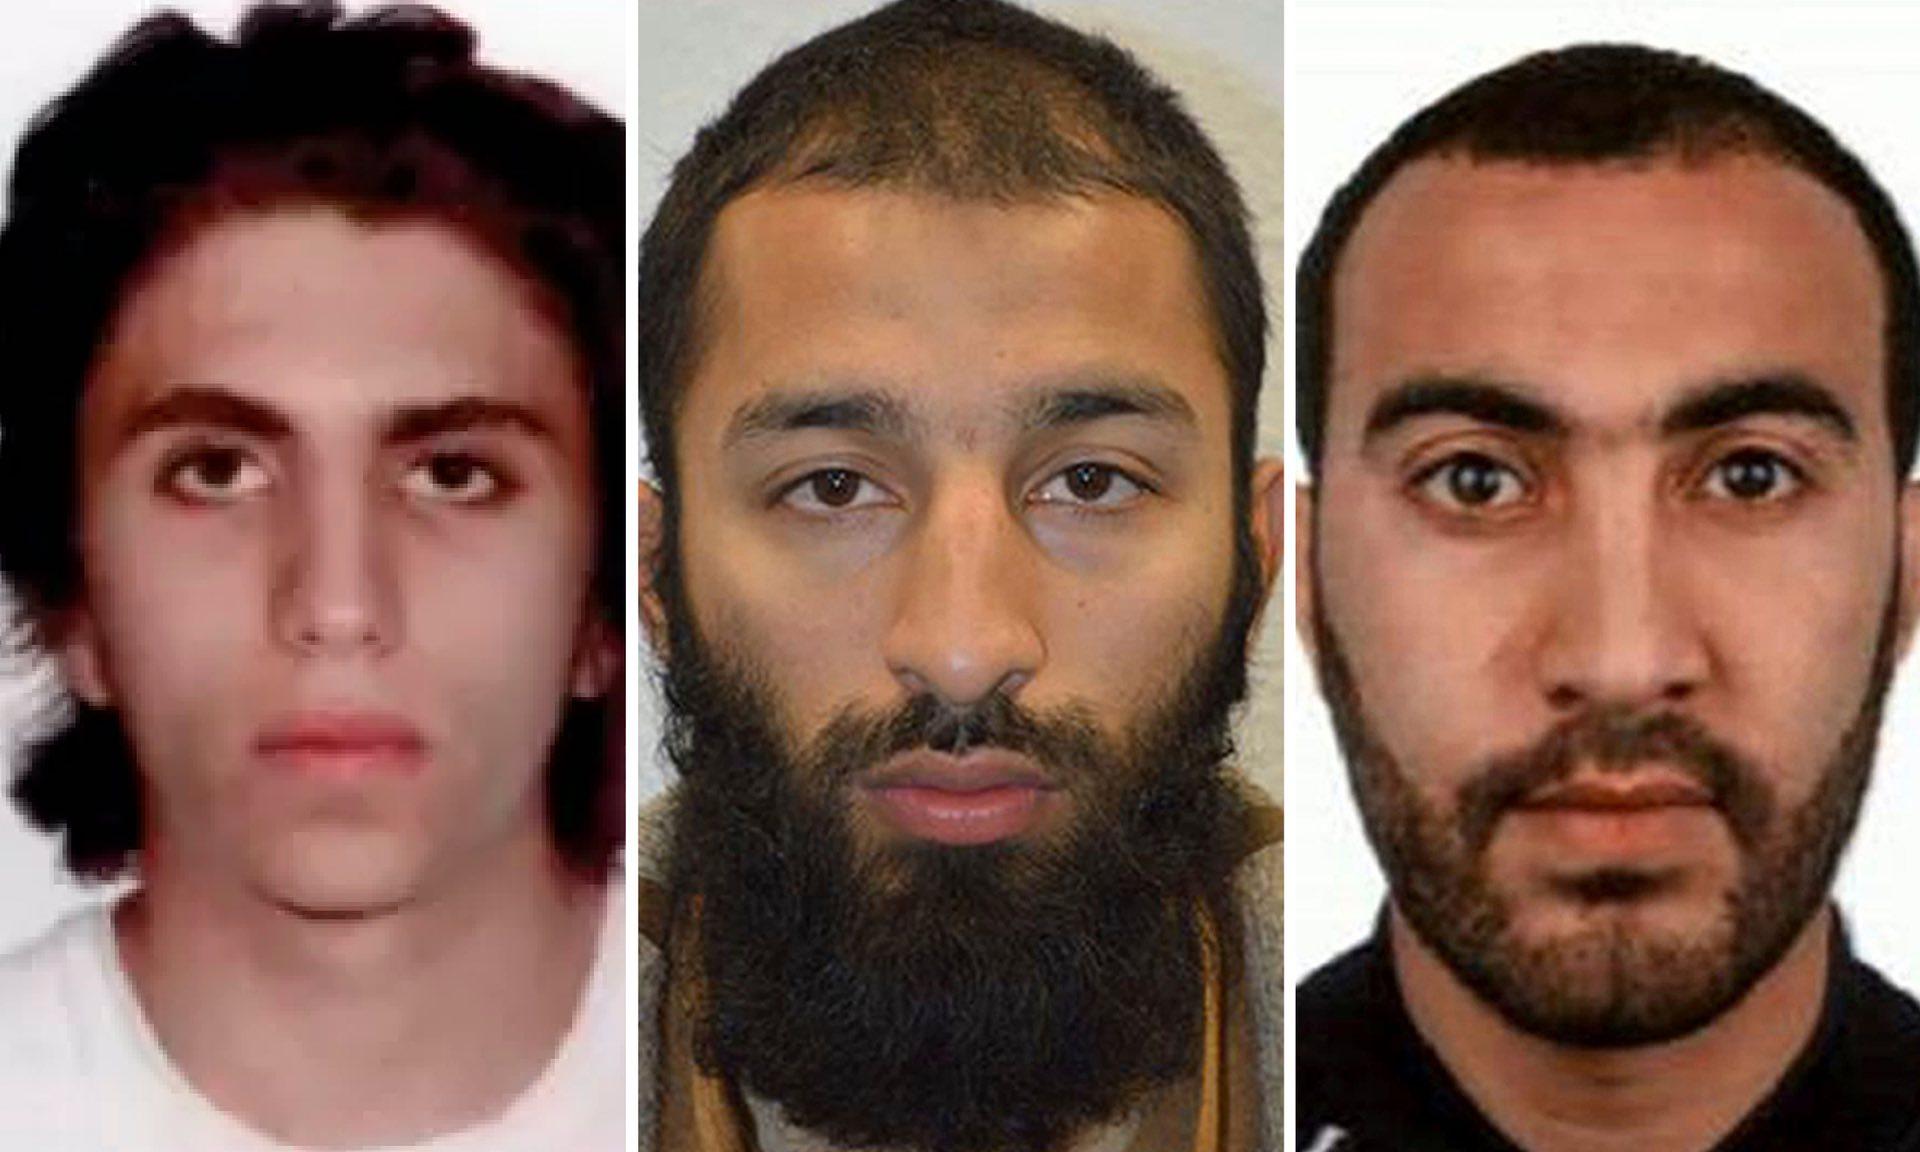 Megnevezték a harmadik londoni támadót